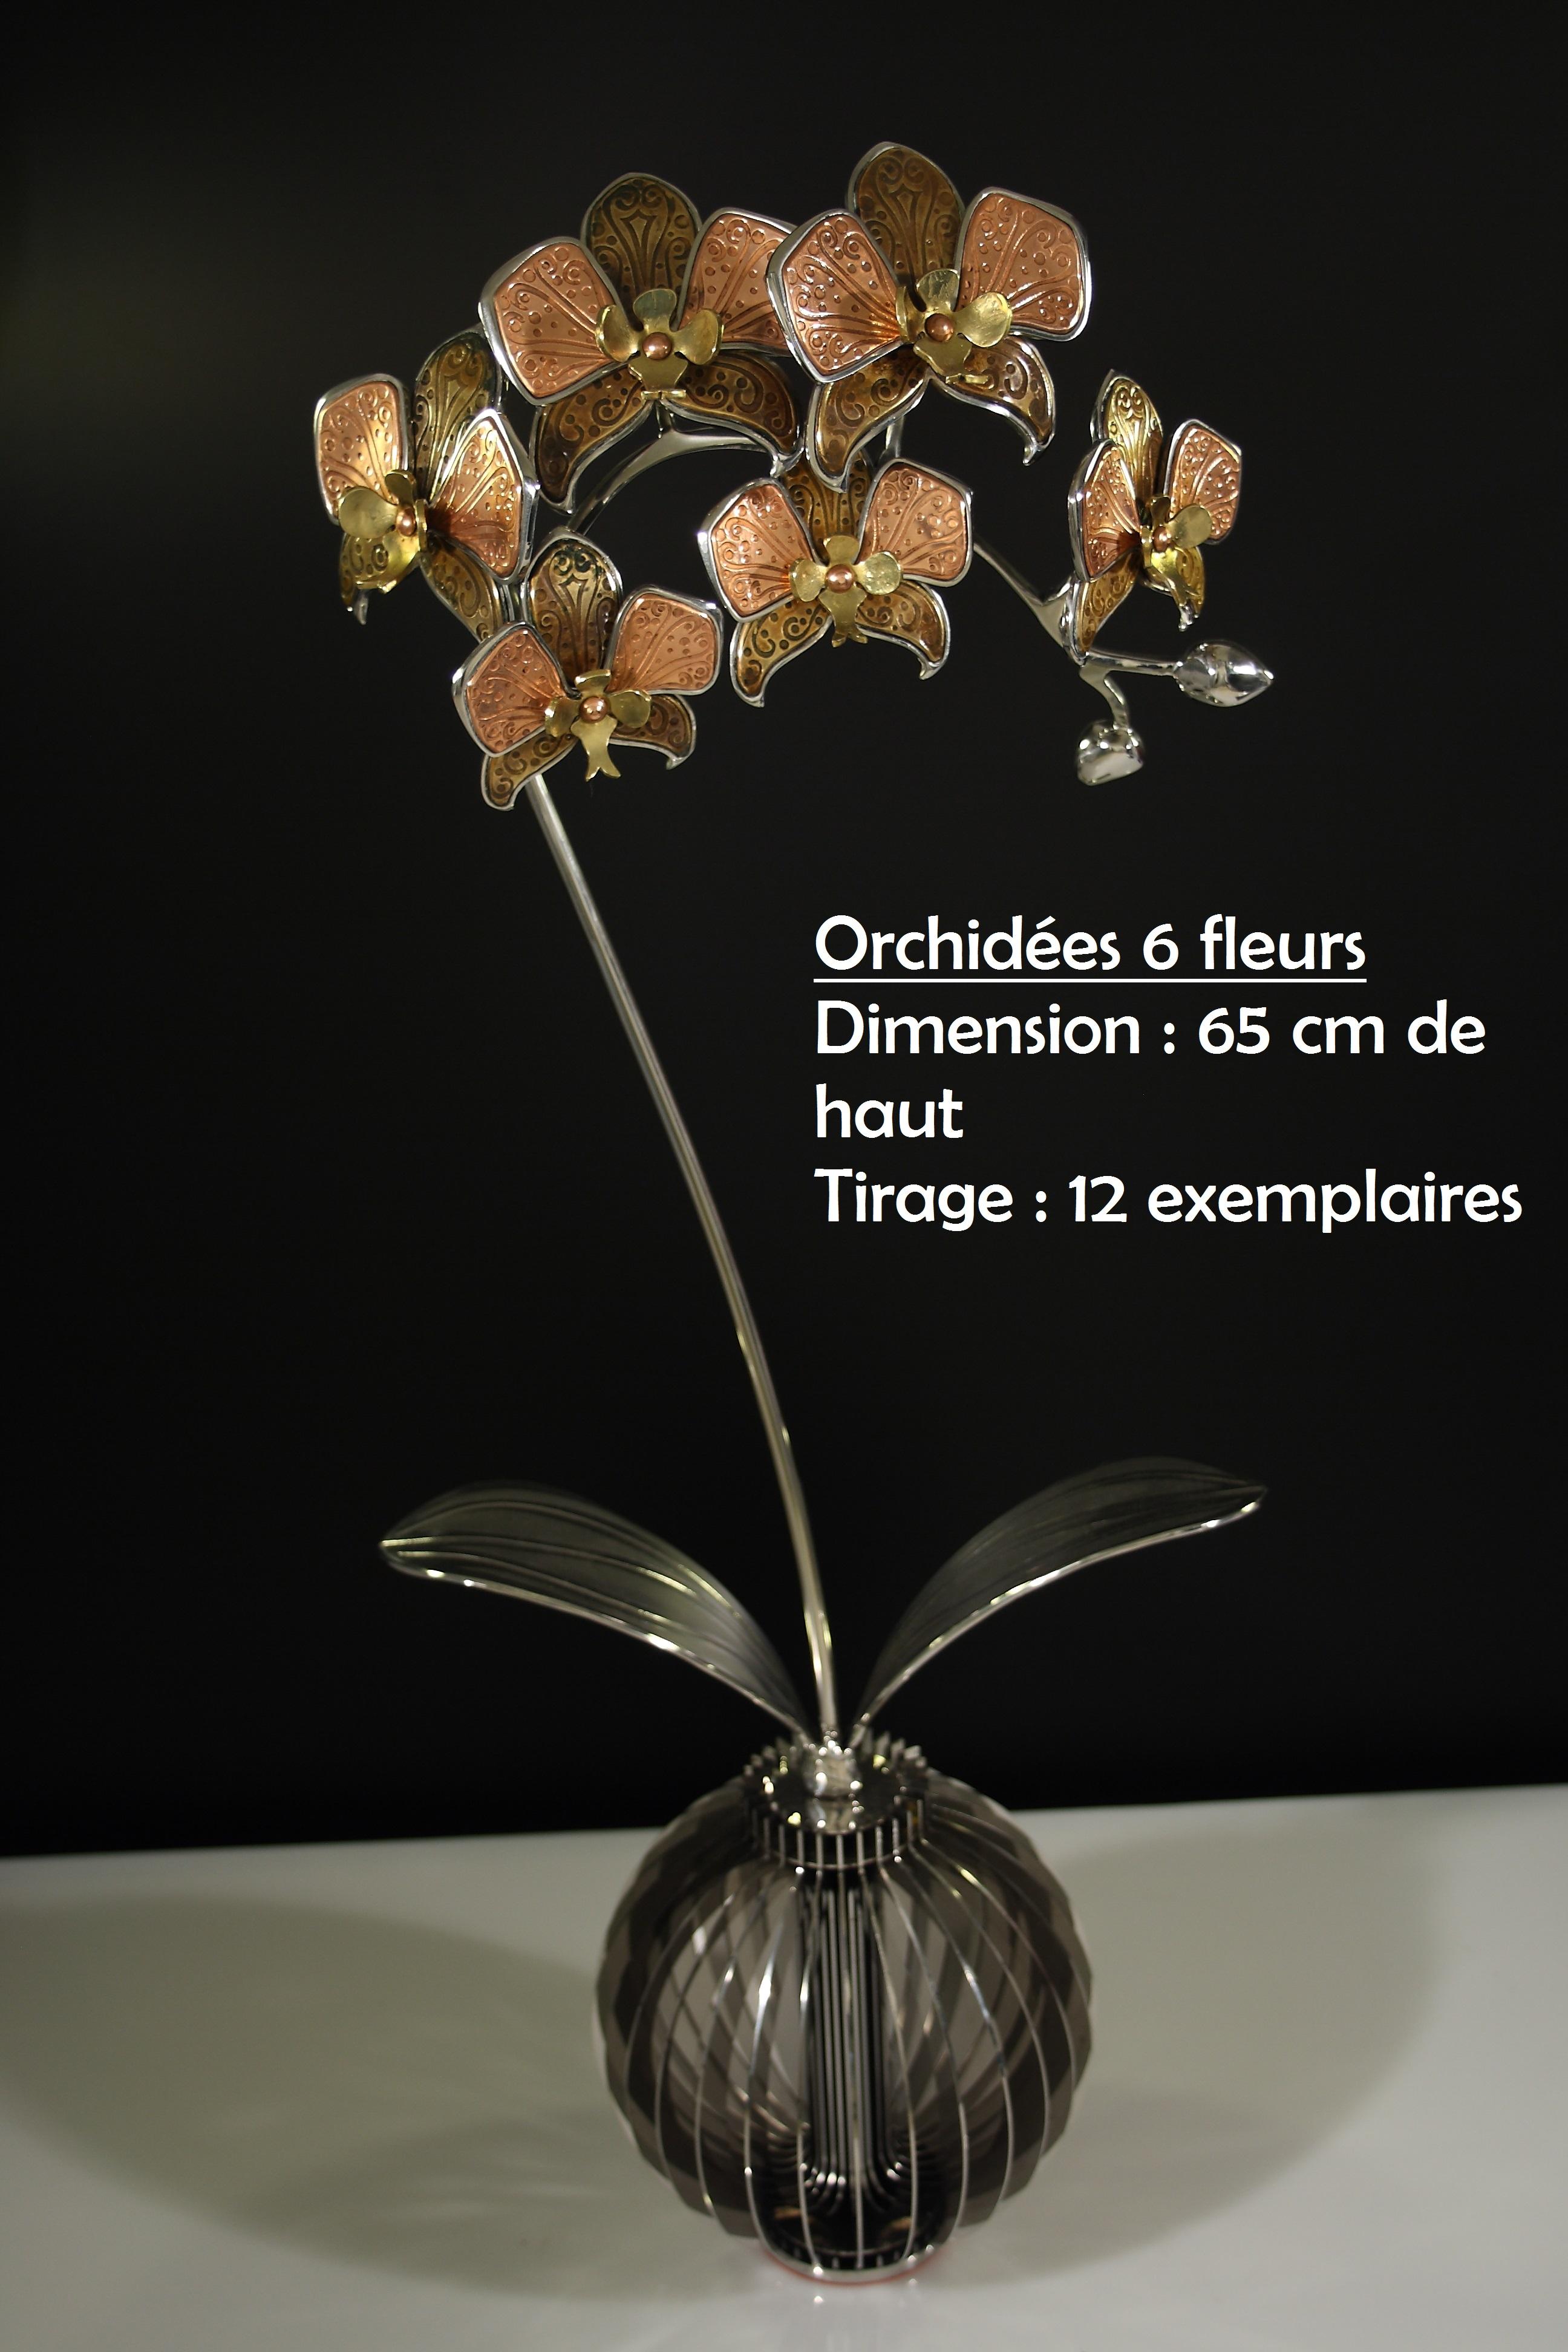 Orchidées_6_fleurs